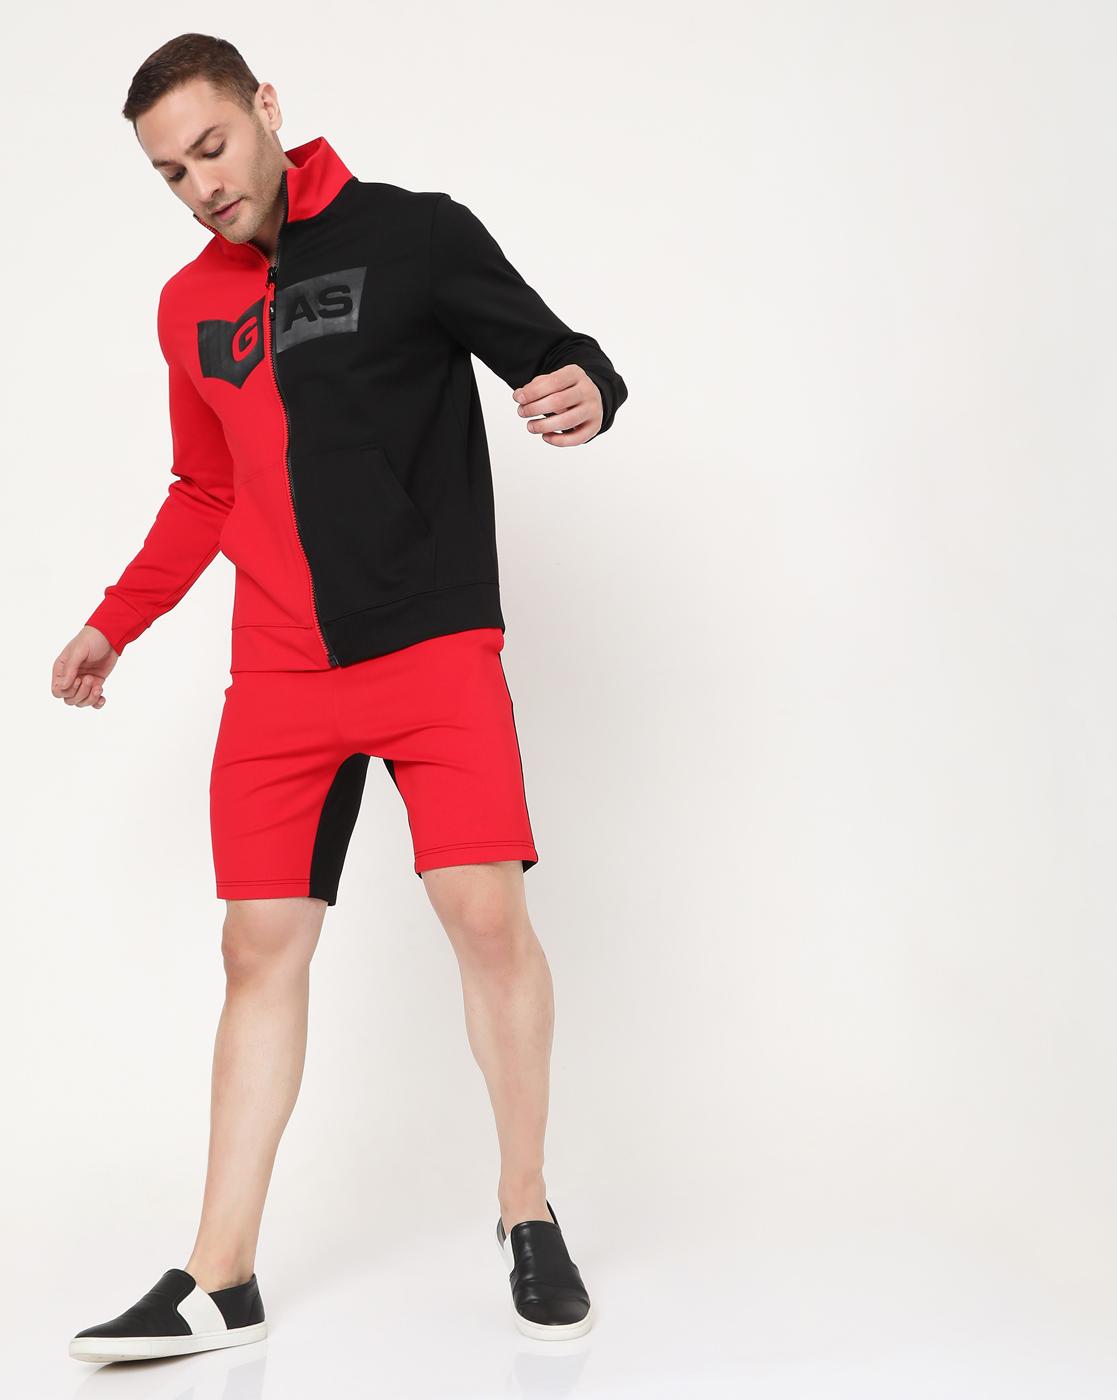 GAS | Men's Zippo Half In Slim Fit Sweatshirt